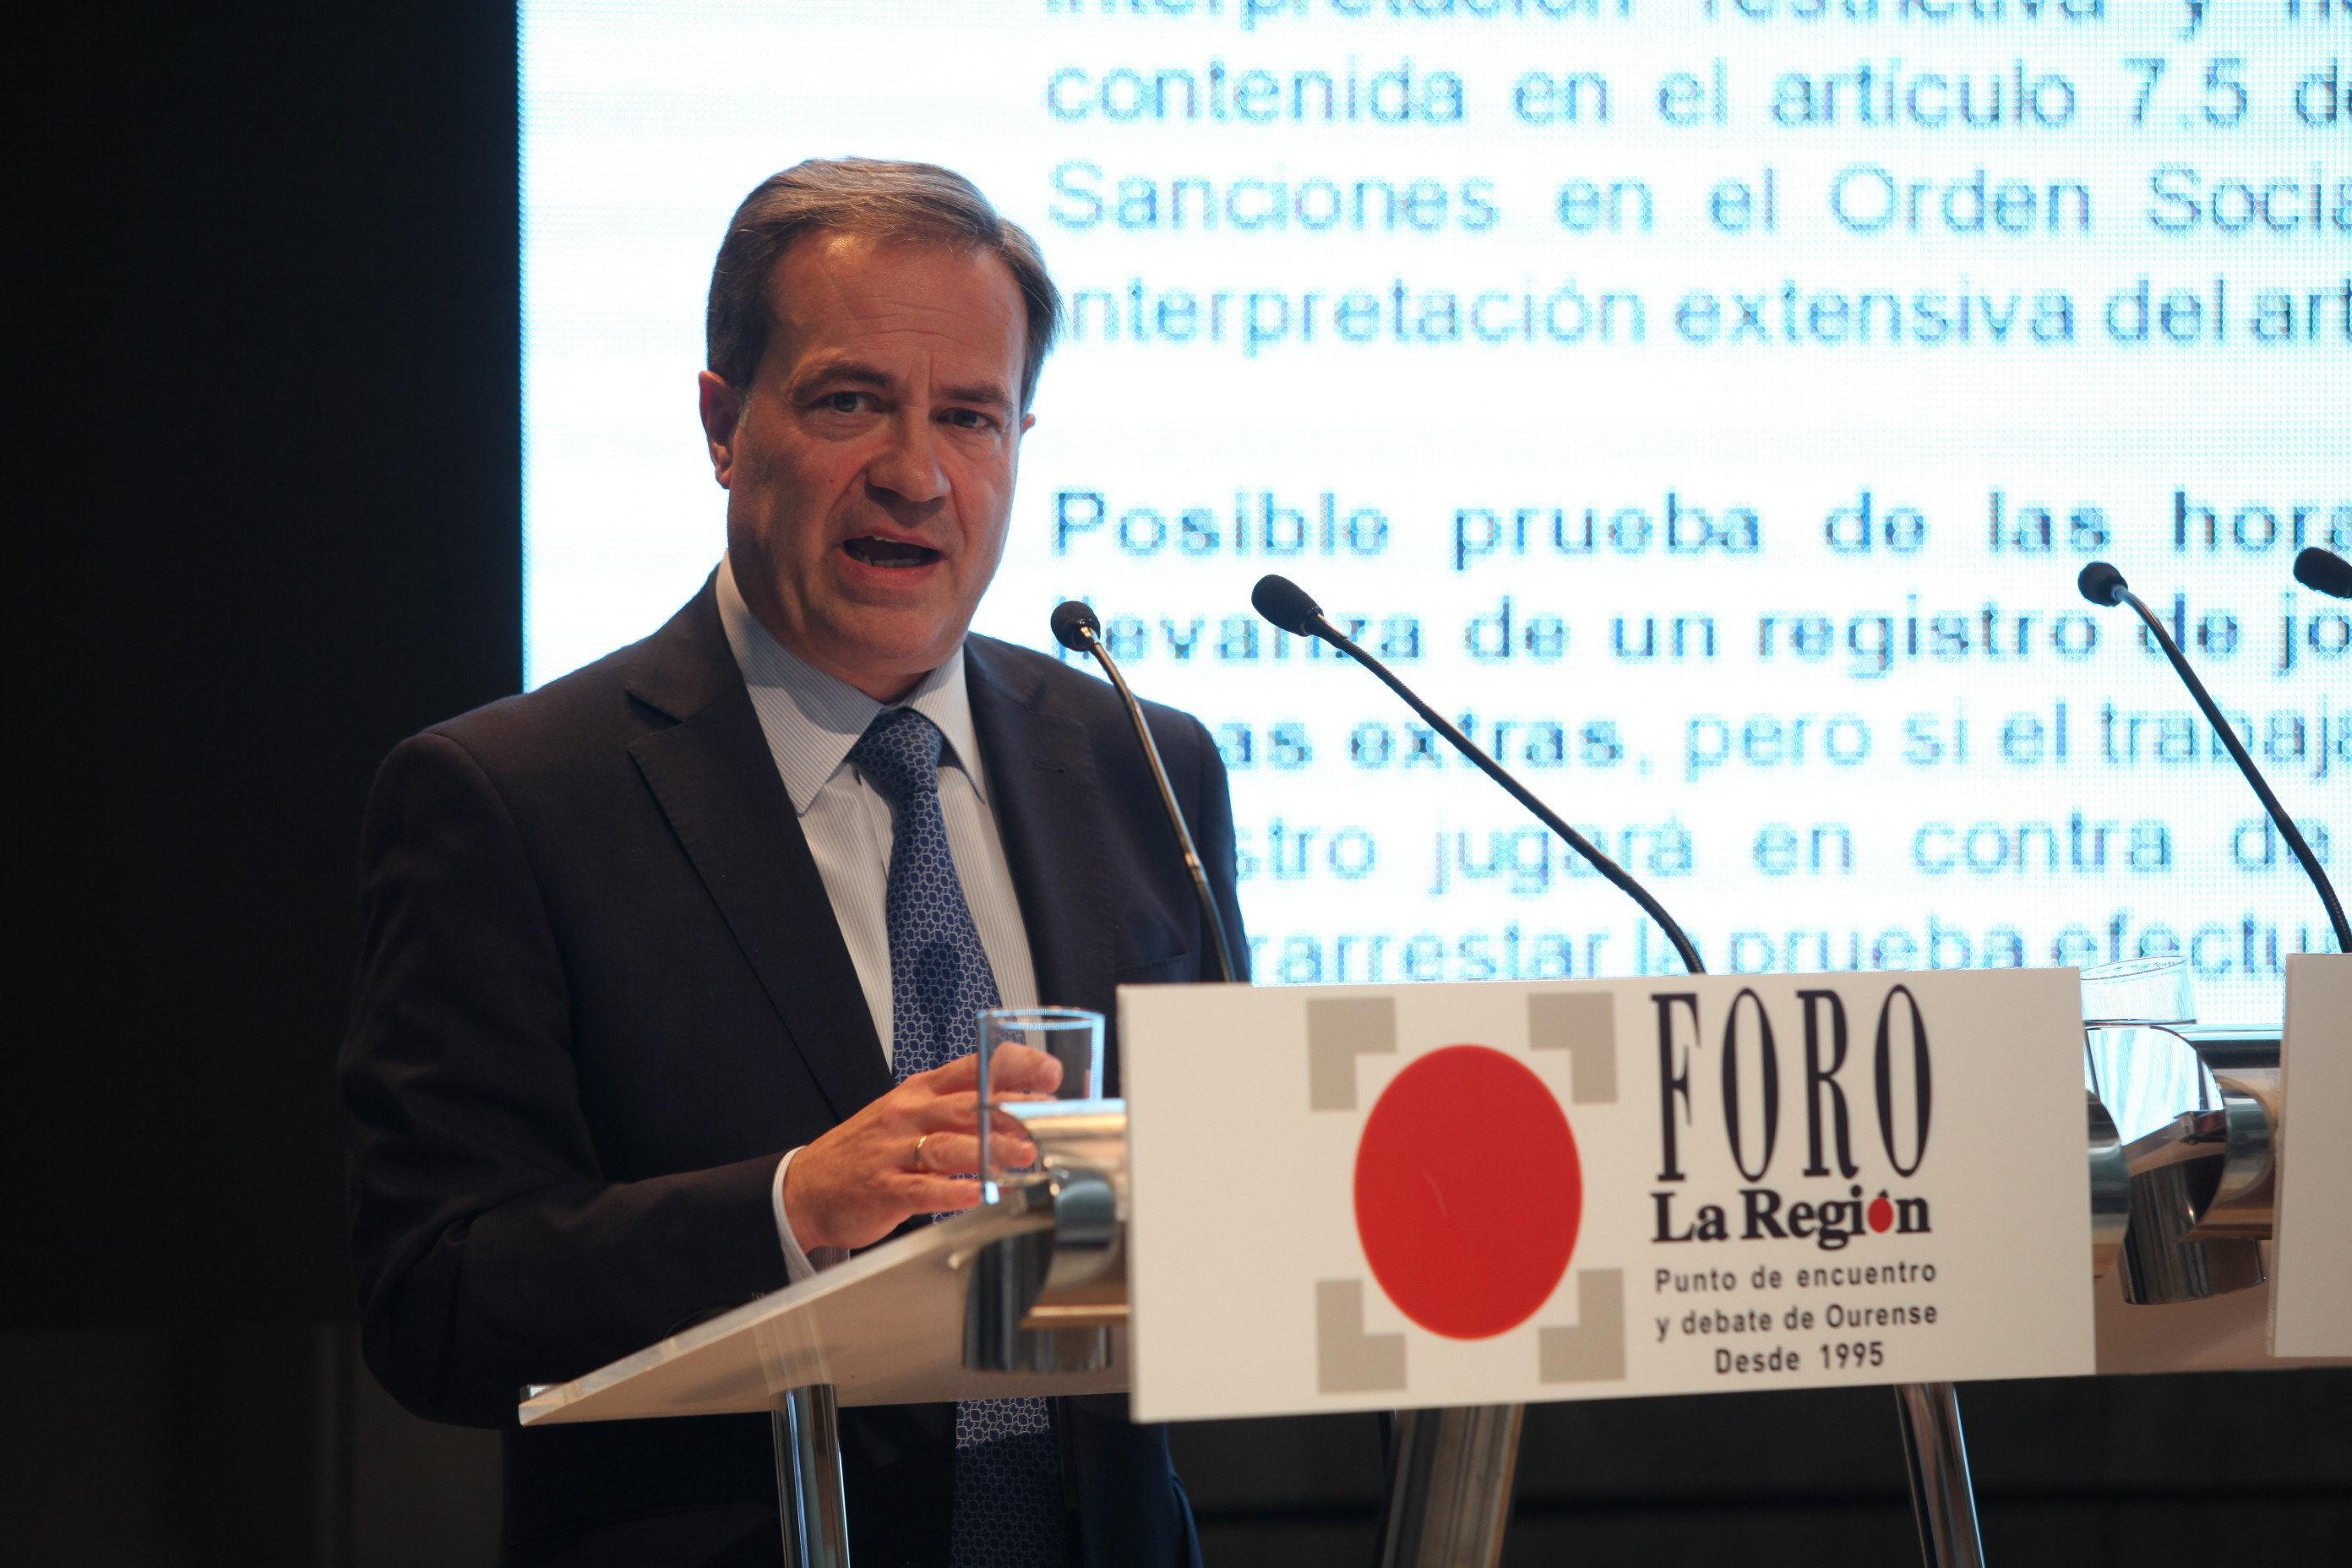 El socio y director de Sagardoy Abogados, Martín Godino Reyes, señaló, en el recinto ferial de Expourense, dentro de Foro la Región, que la actual realidad laboral española, con un […]